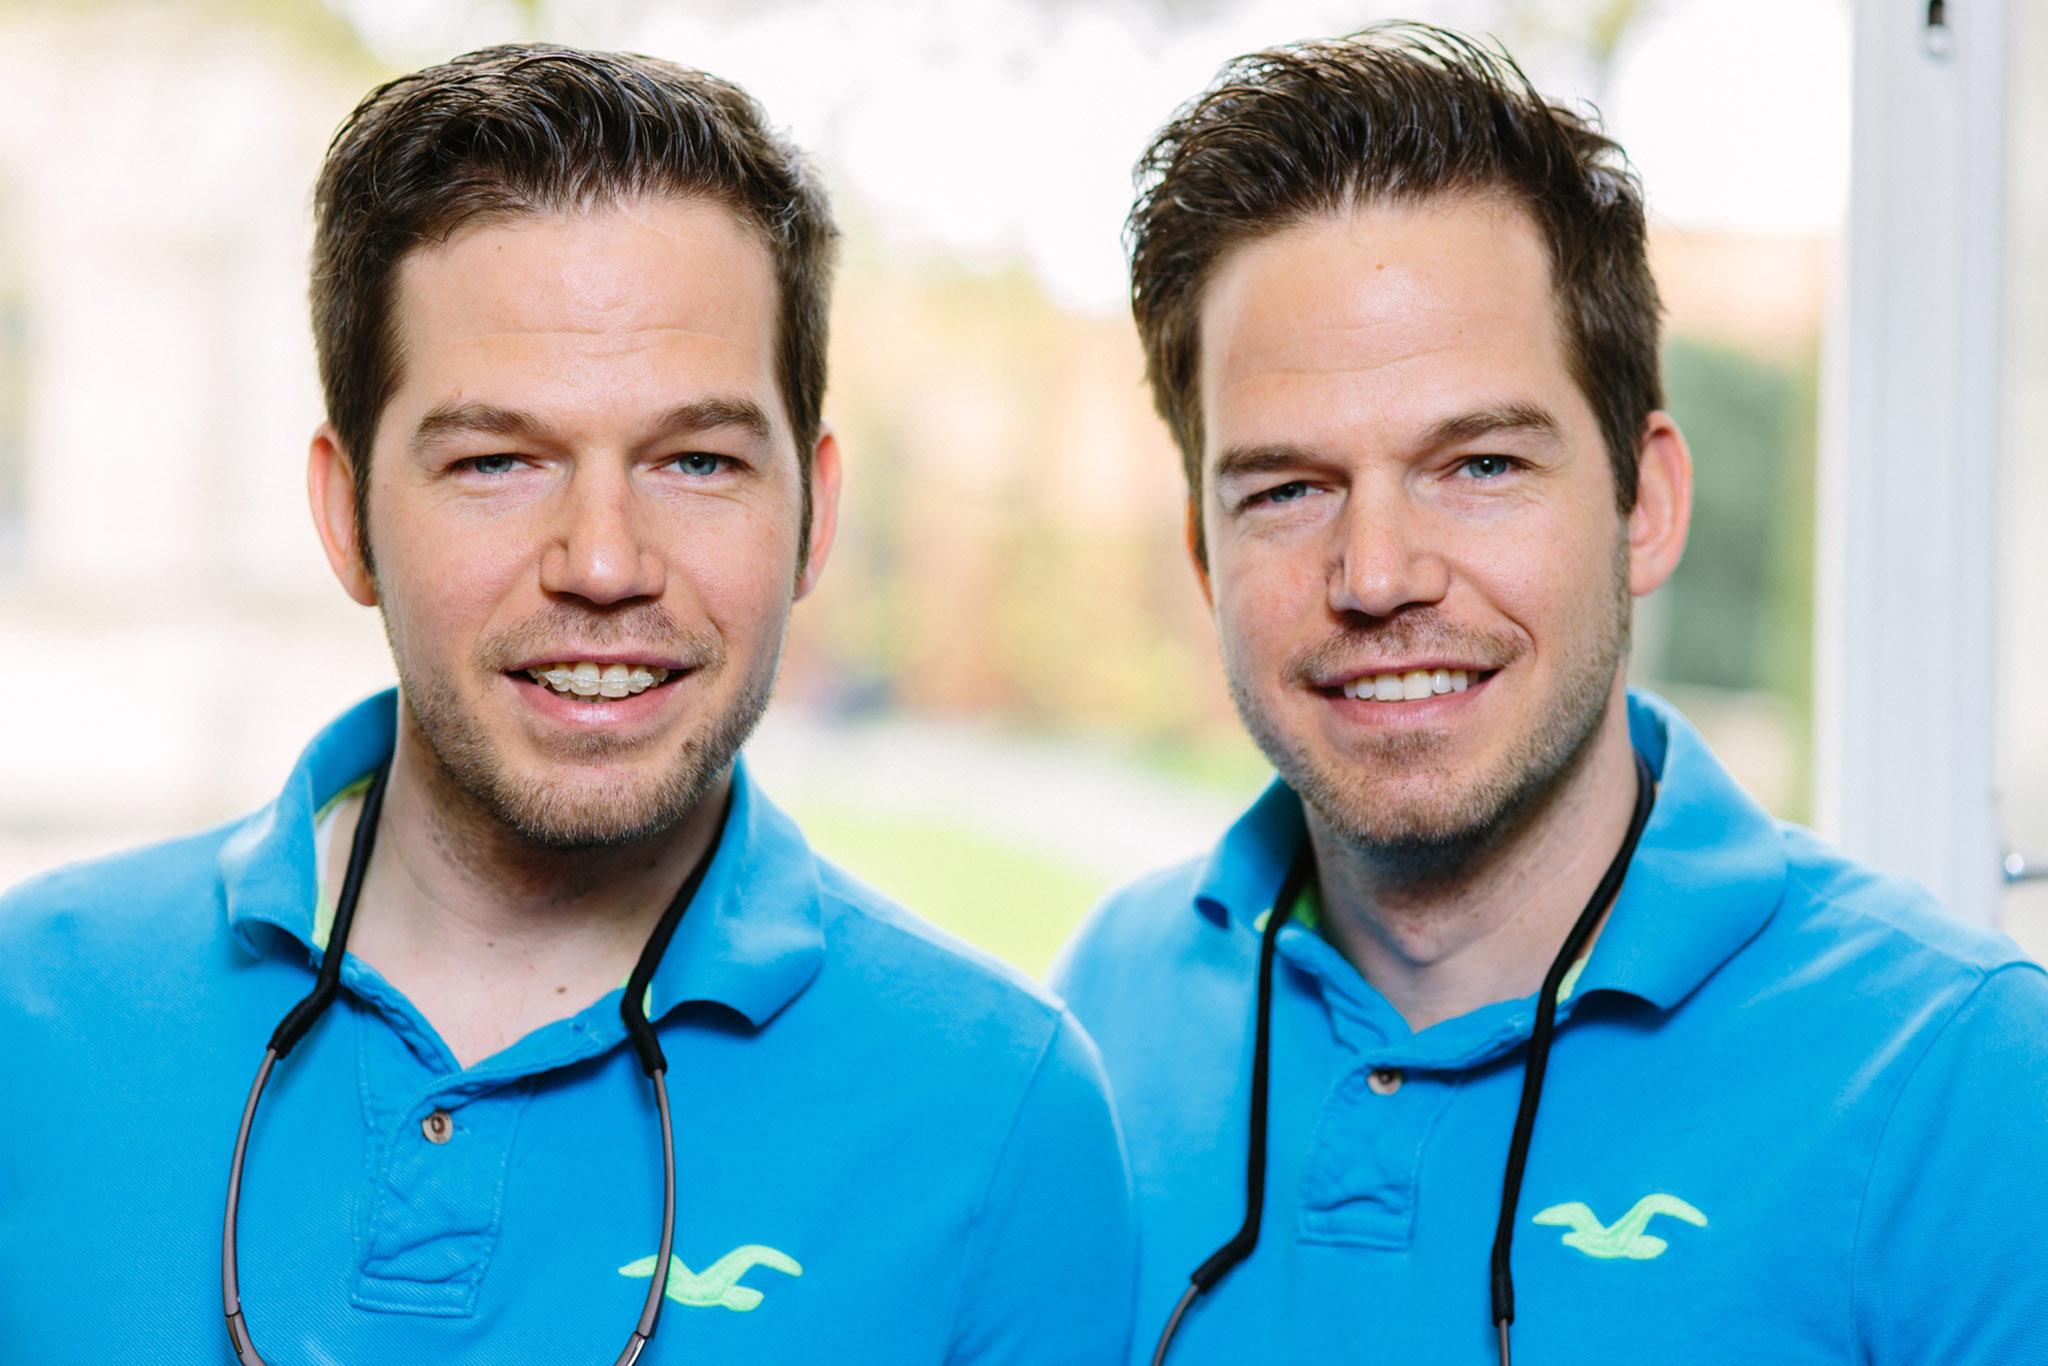 Kiefernorthopädische Praxis Dr. Andreas Hellak und Dr. Tobias Hellak Spezialist und Fachzahnarzt